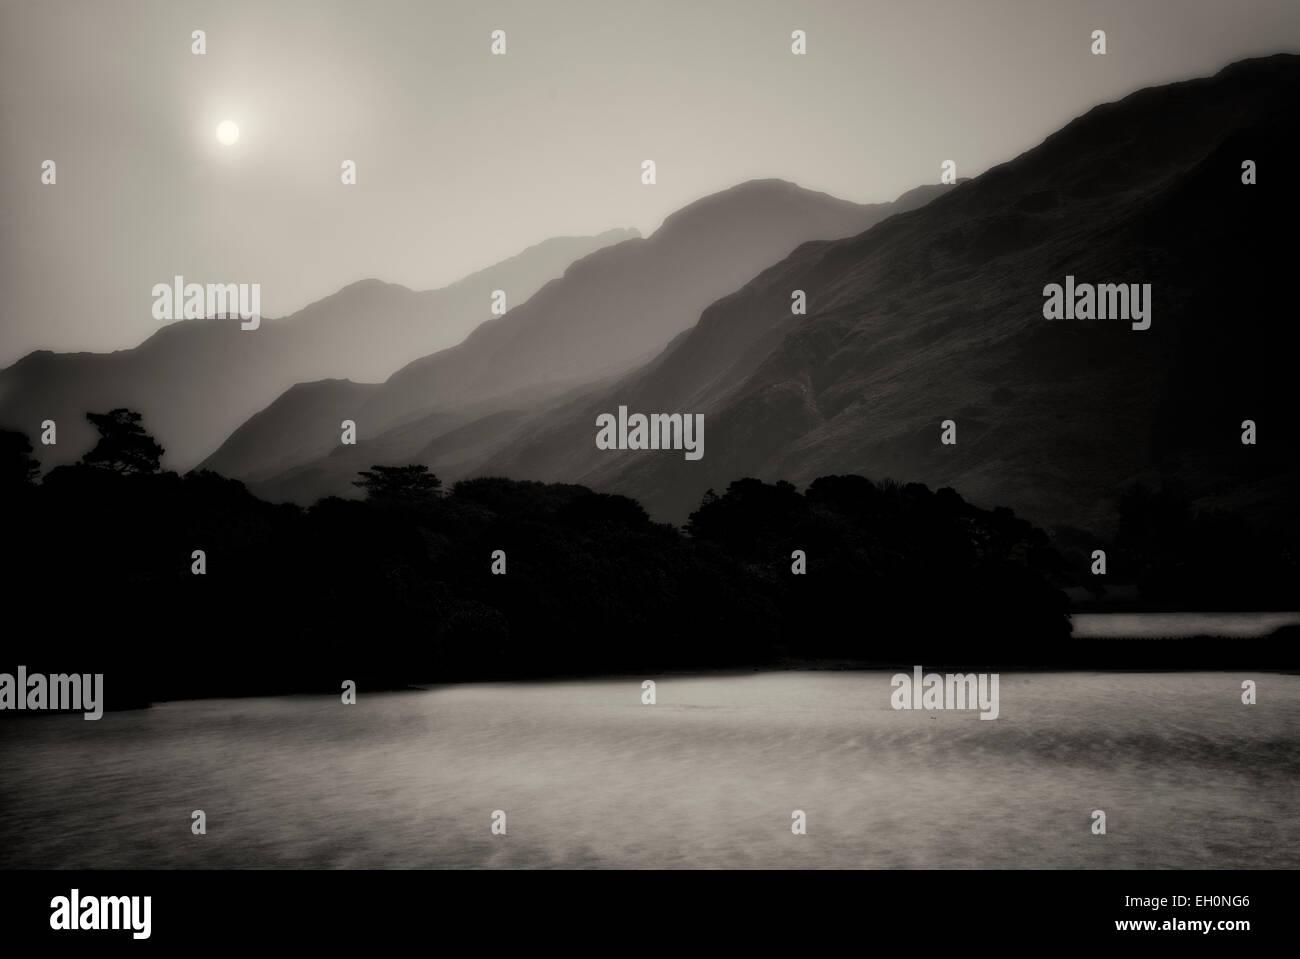 Vue sur le lac en face de l'abbaye de Kylemore. La région du Connemara, Irlande Photo Stock